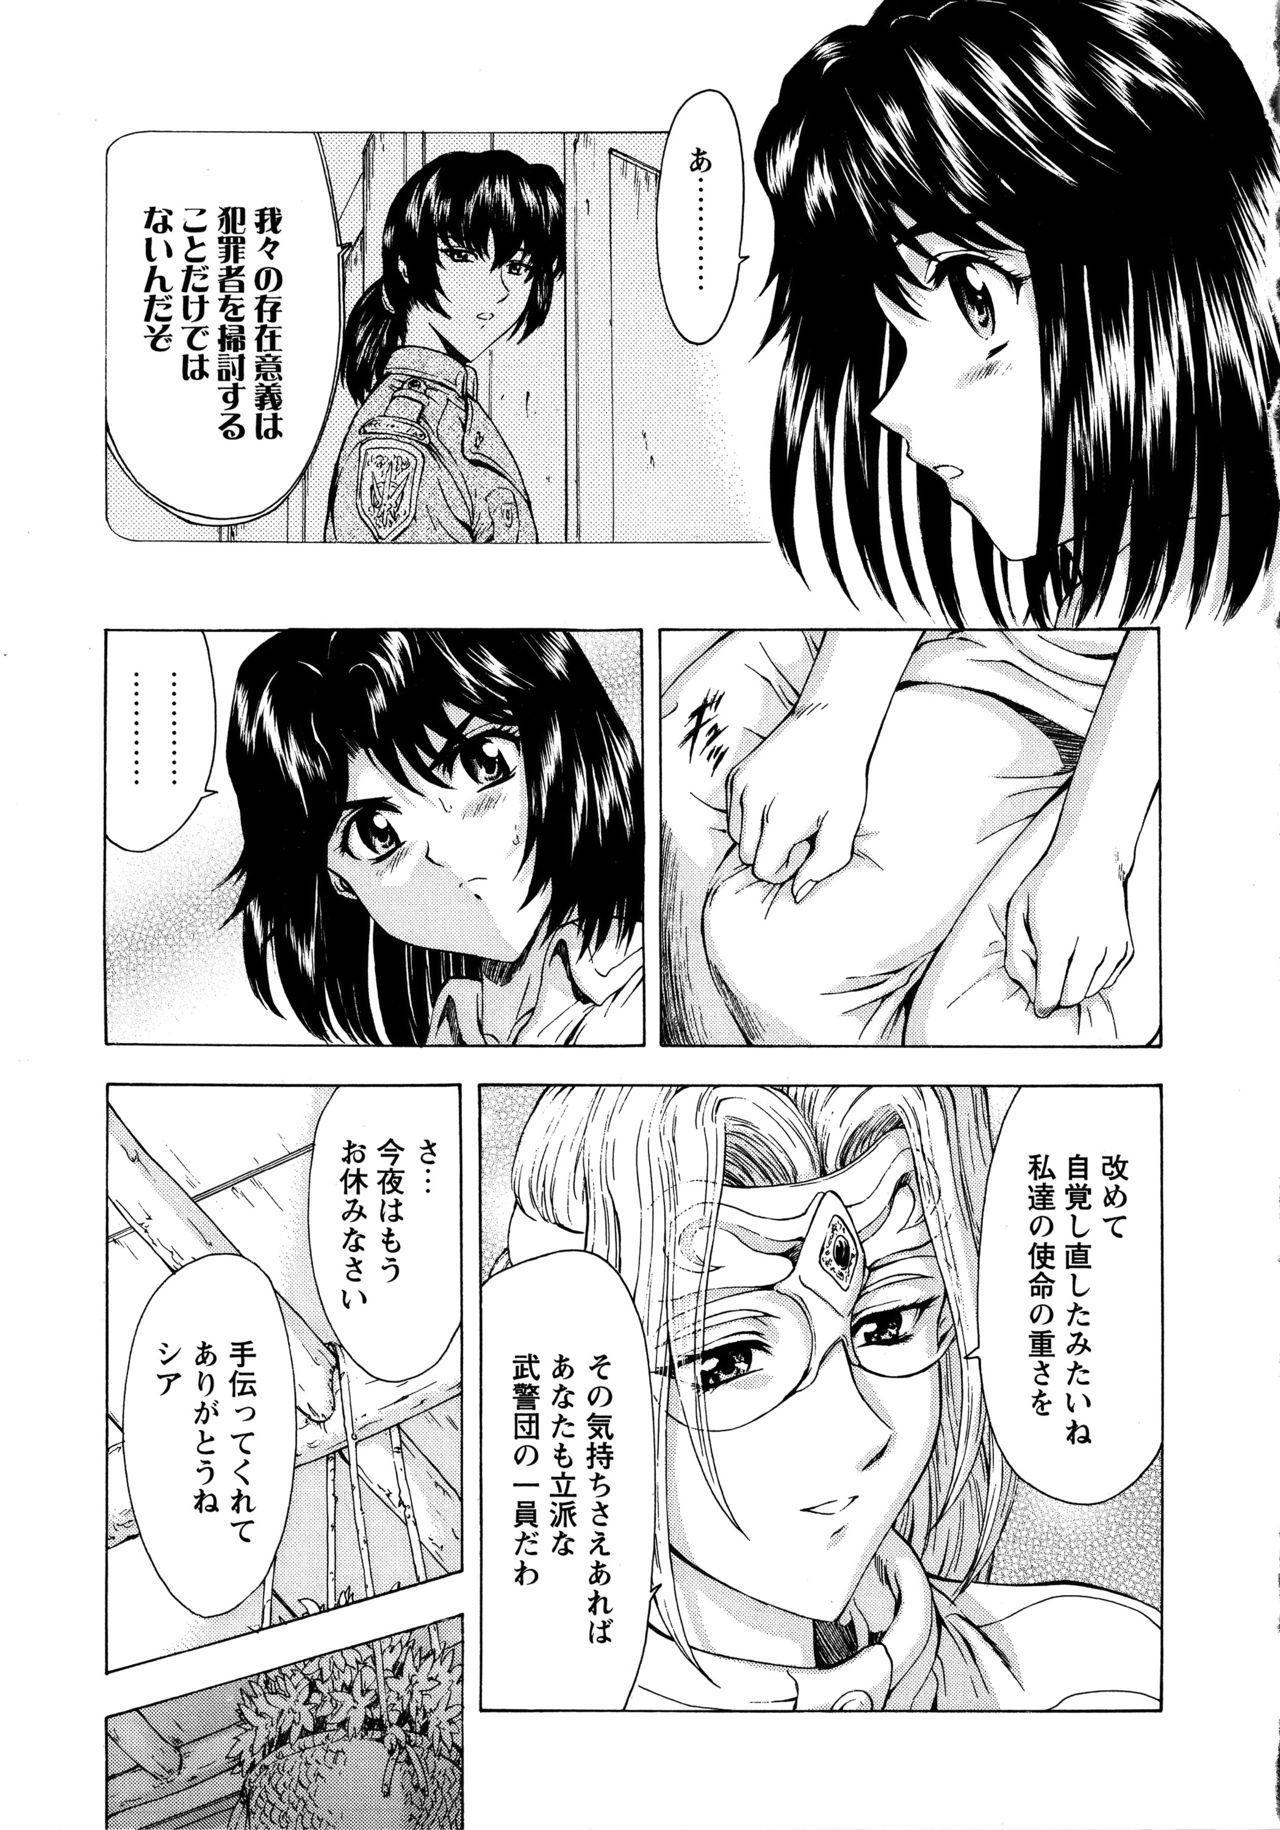 Ginryuu no Reimei Vol. 1 82